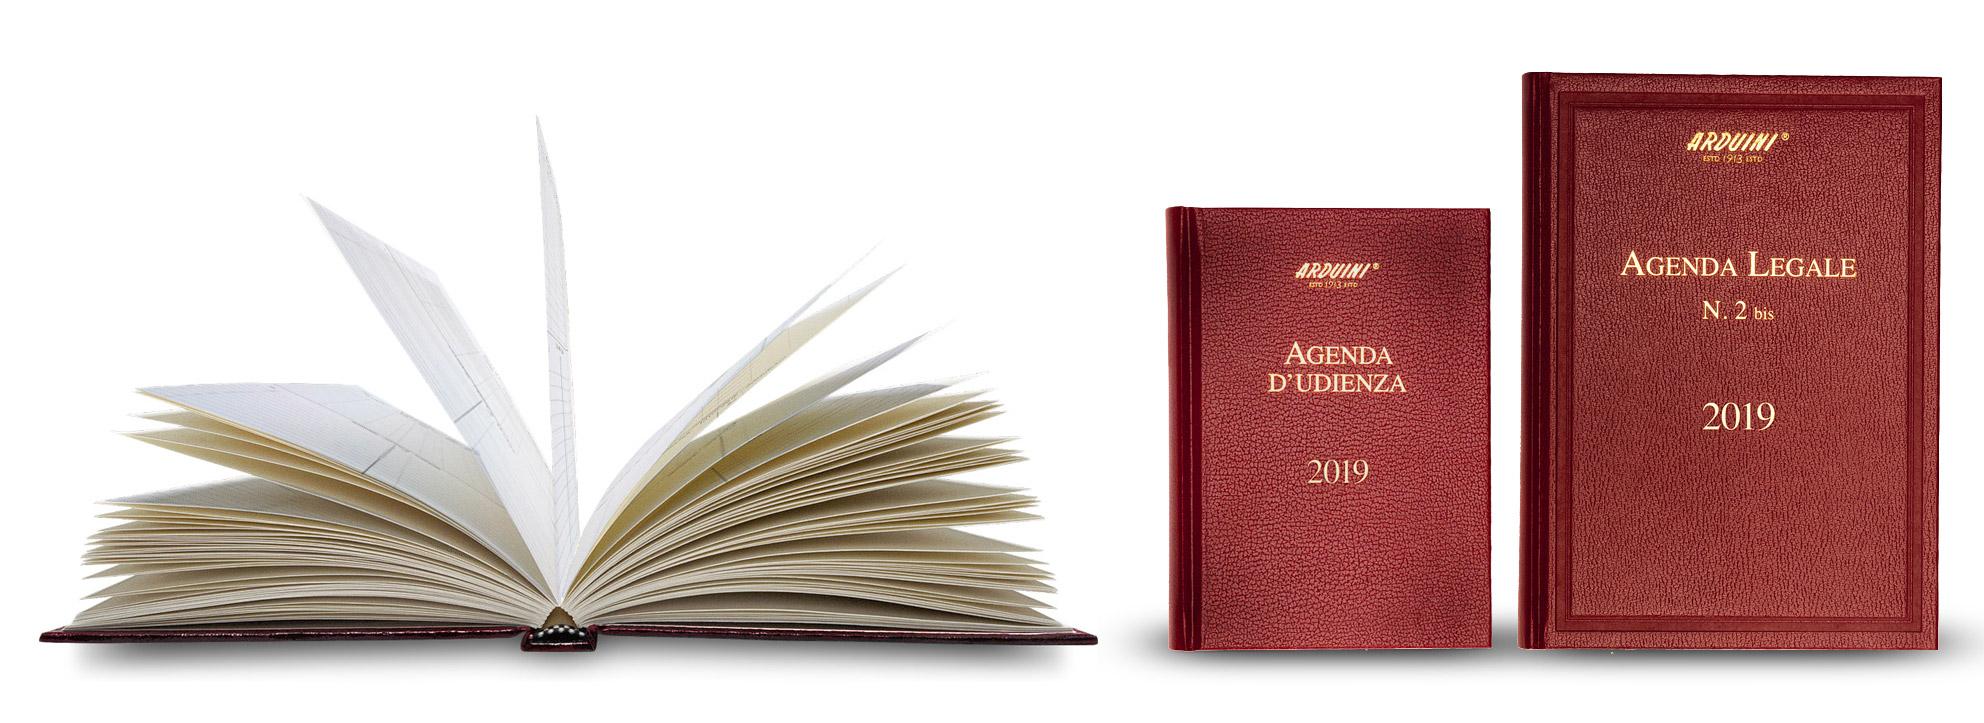 agenda-legale-in-pelle